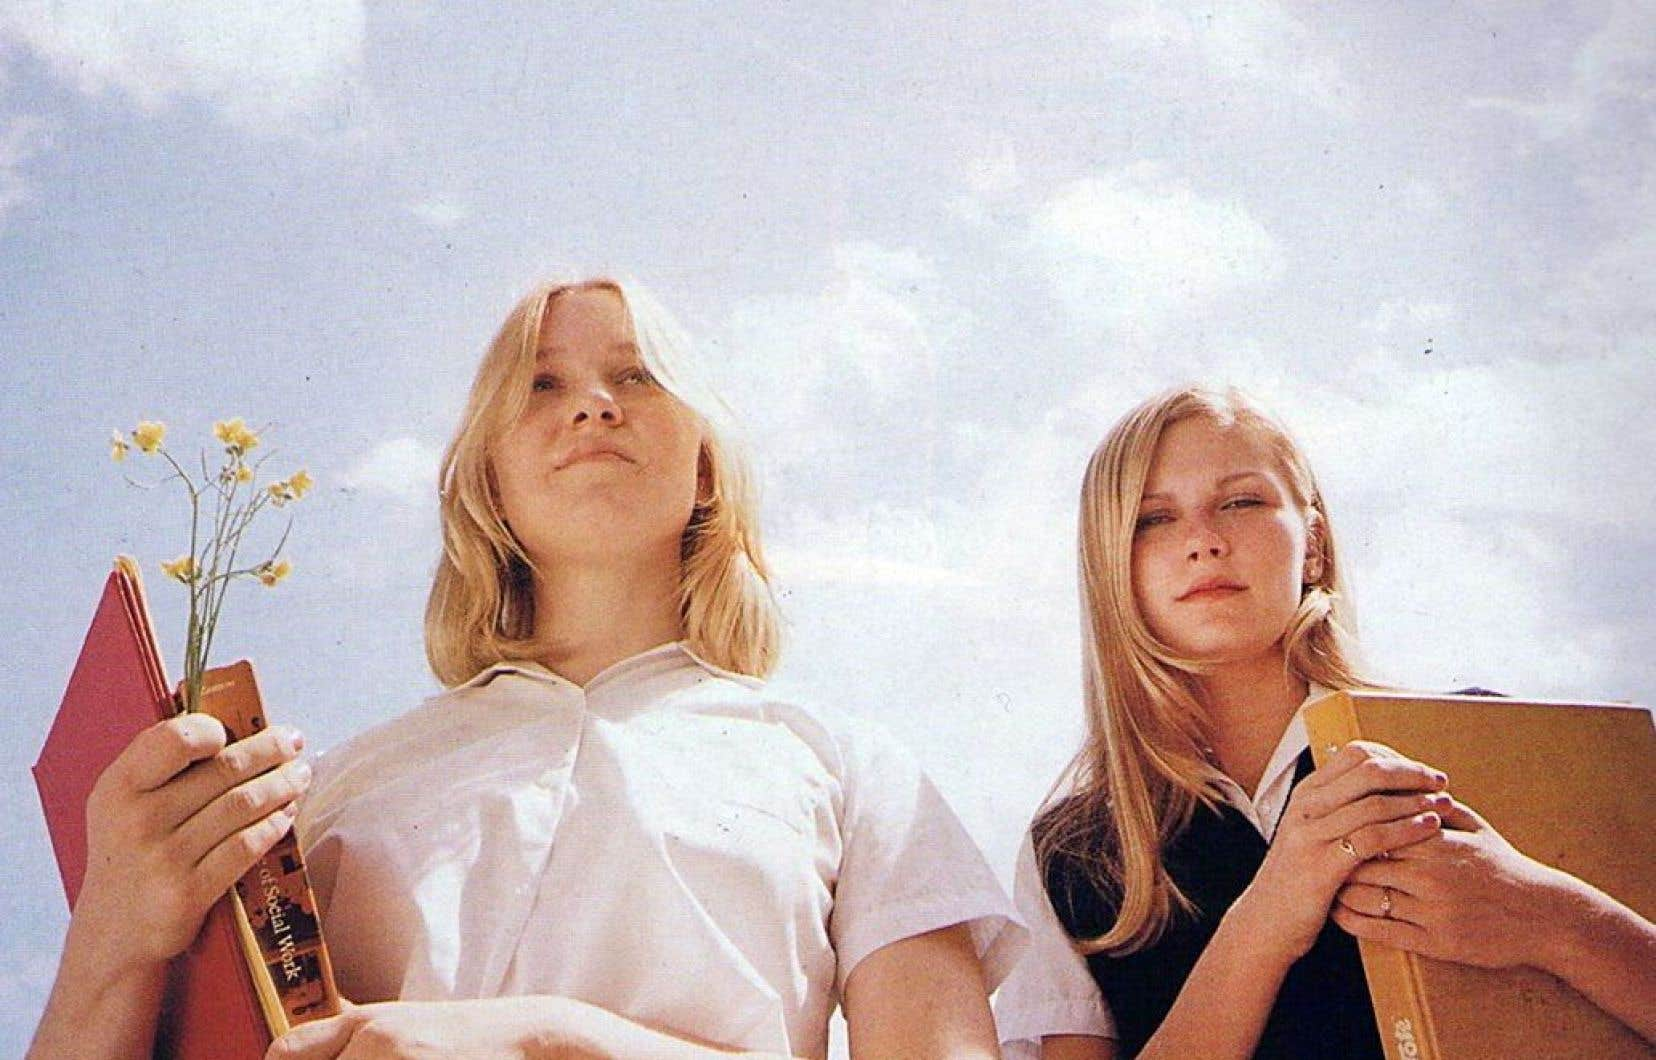 Le film américain «Virgin Suicides» raconte l'histoire de cinq adolescentes d'une même famille qui mettent fin à leurs jours.